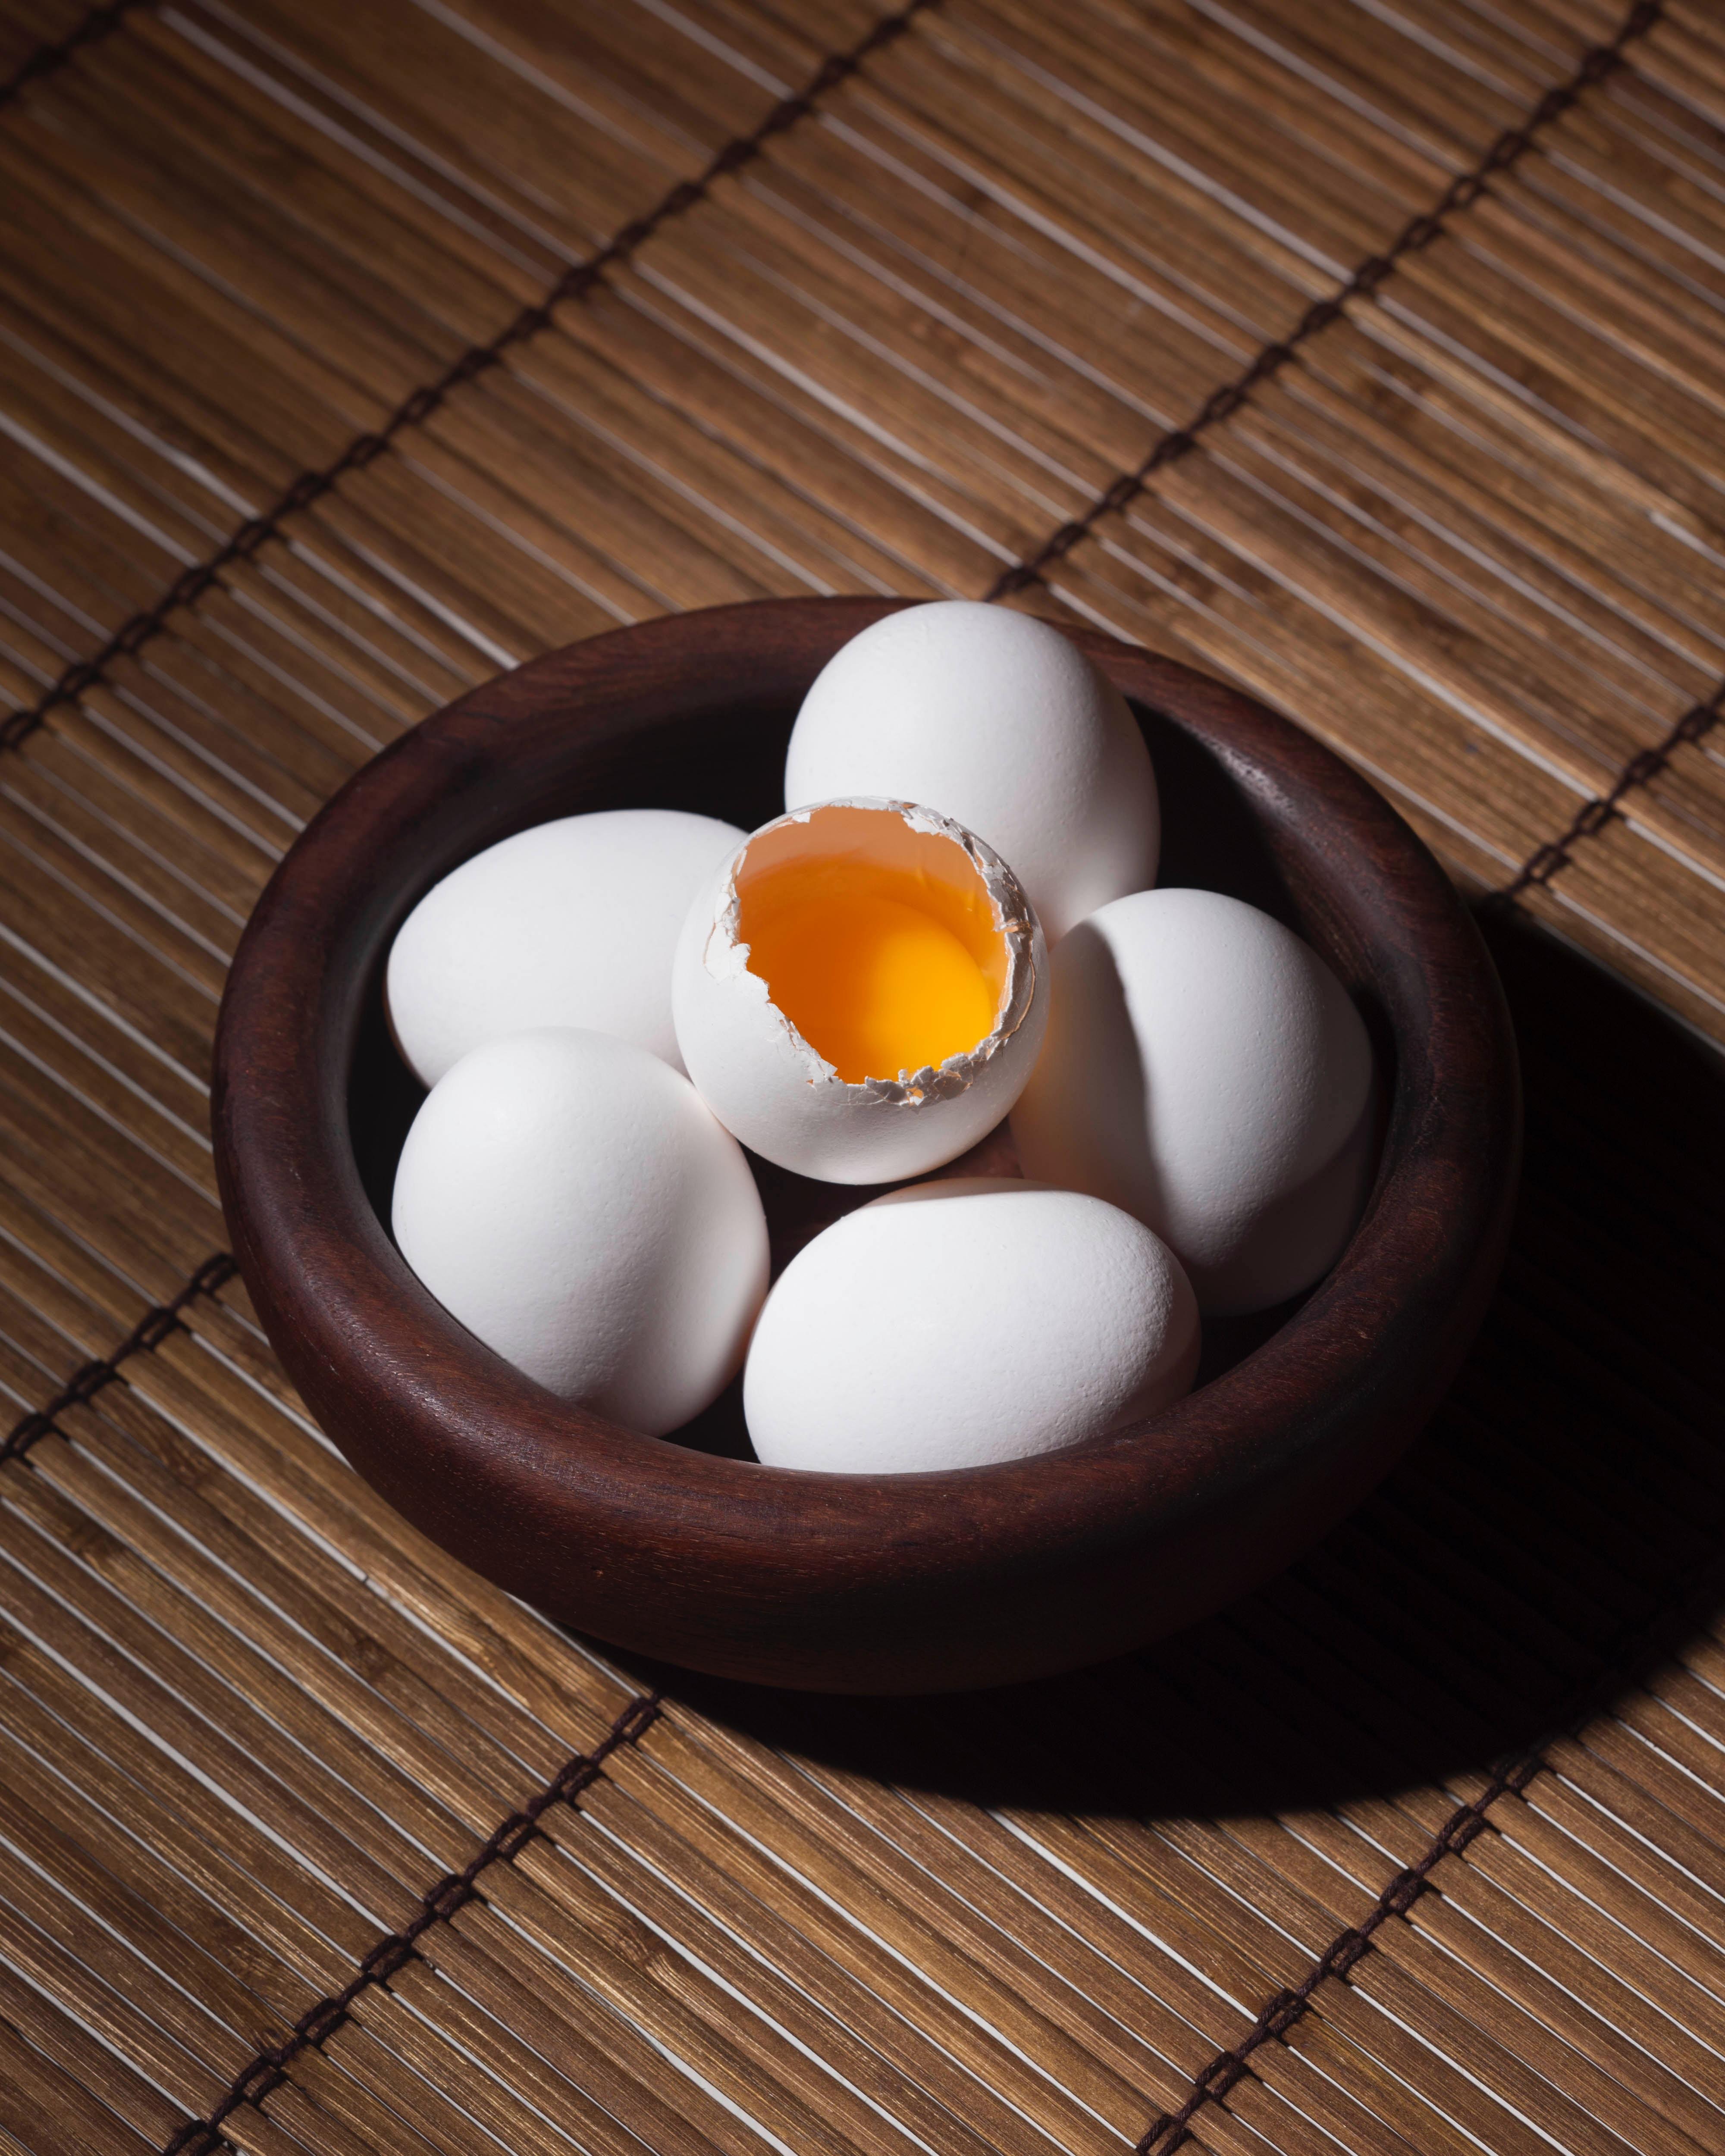 Huevos, fuente de proteína